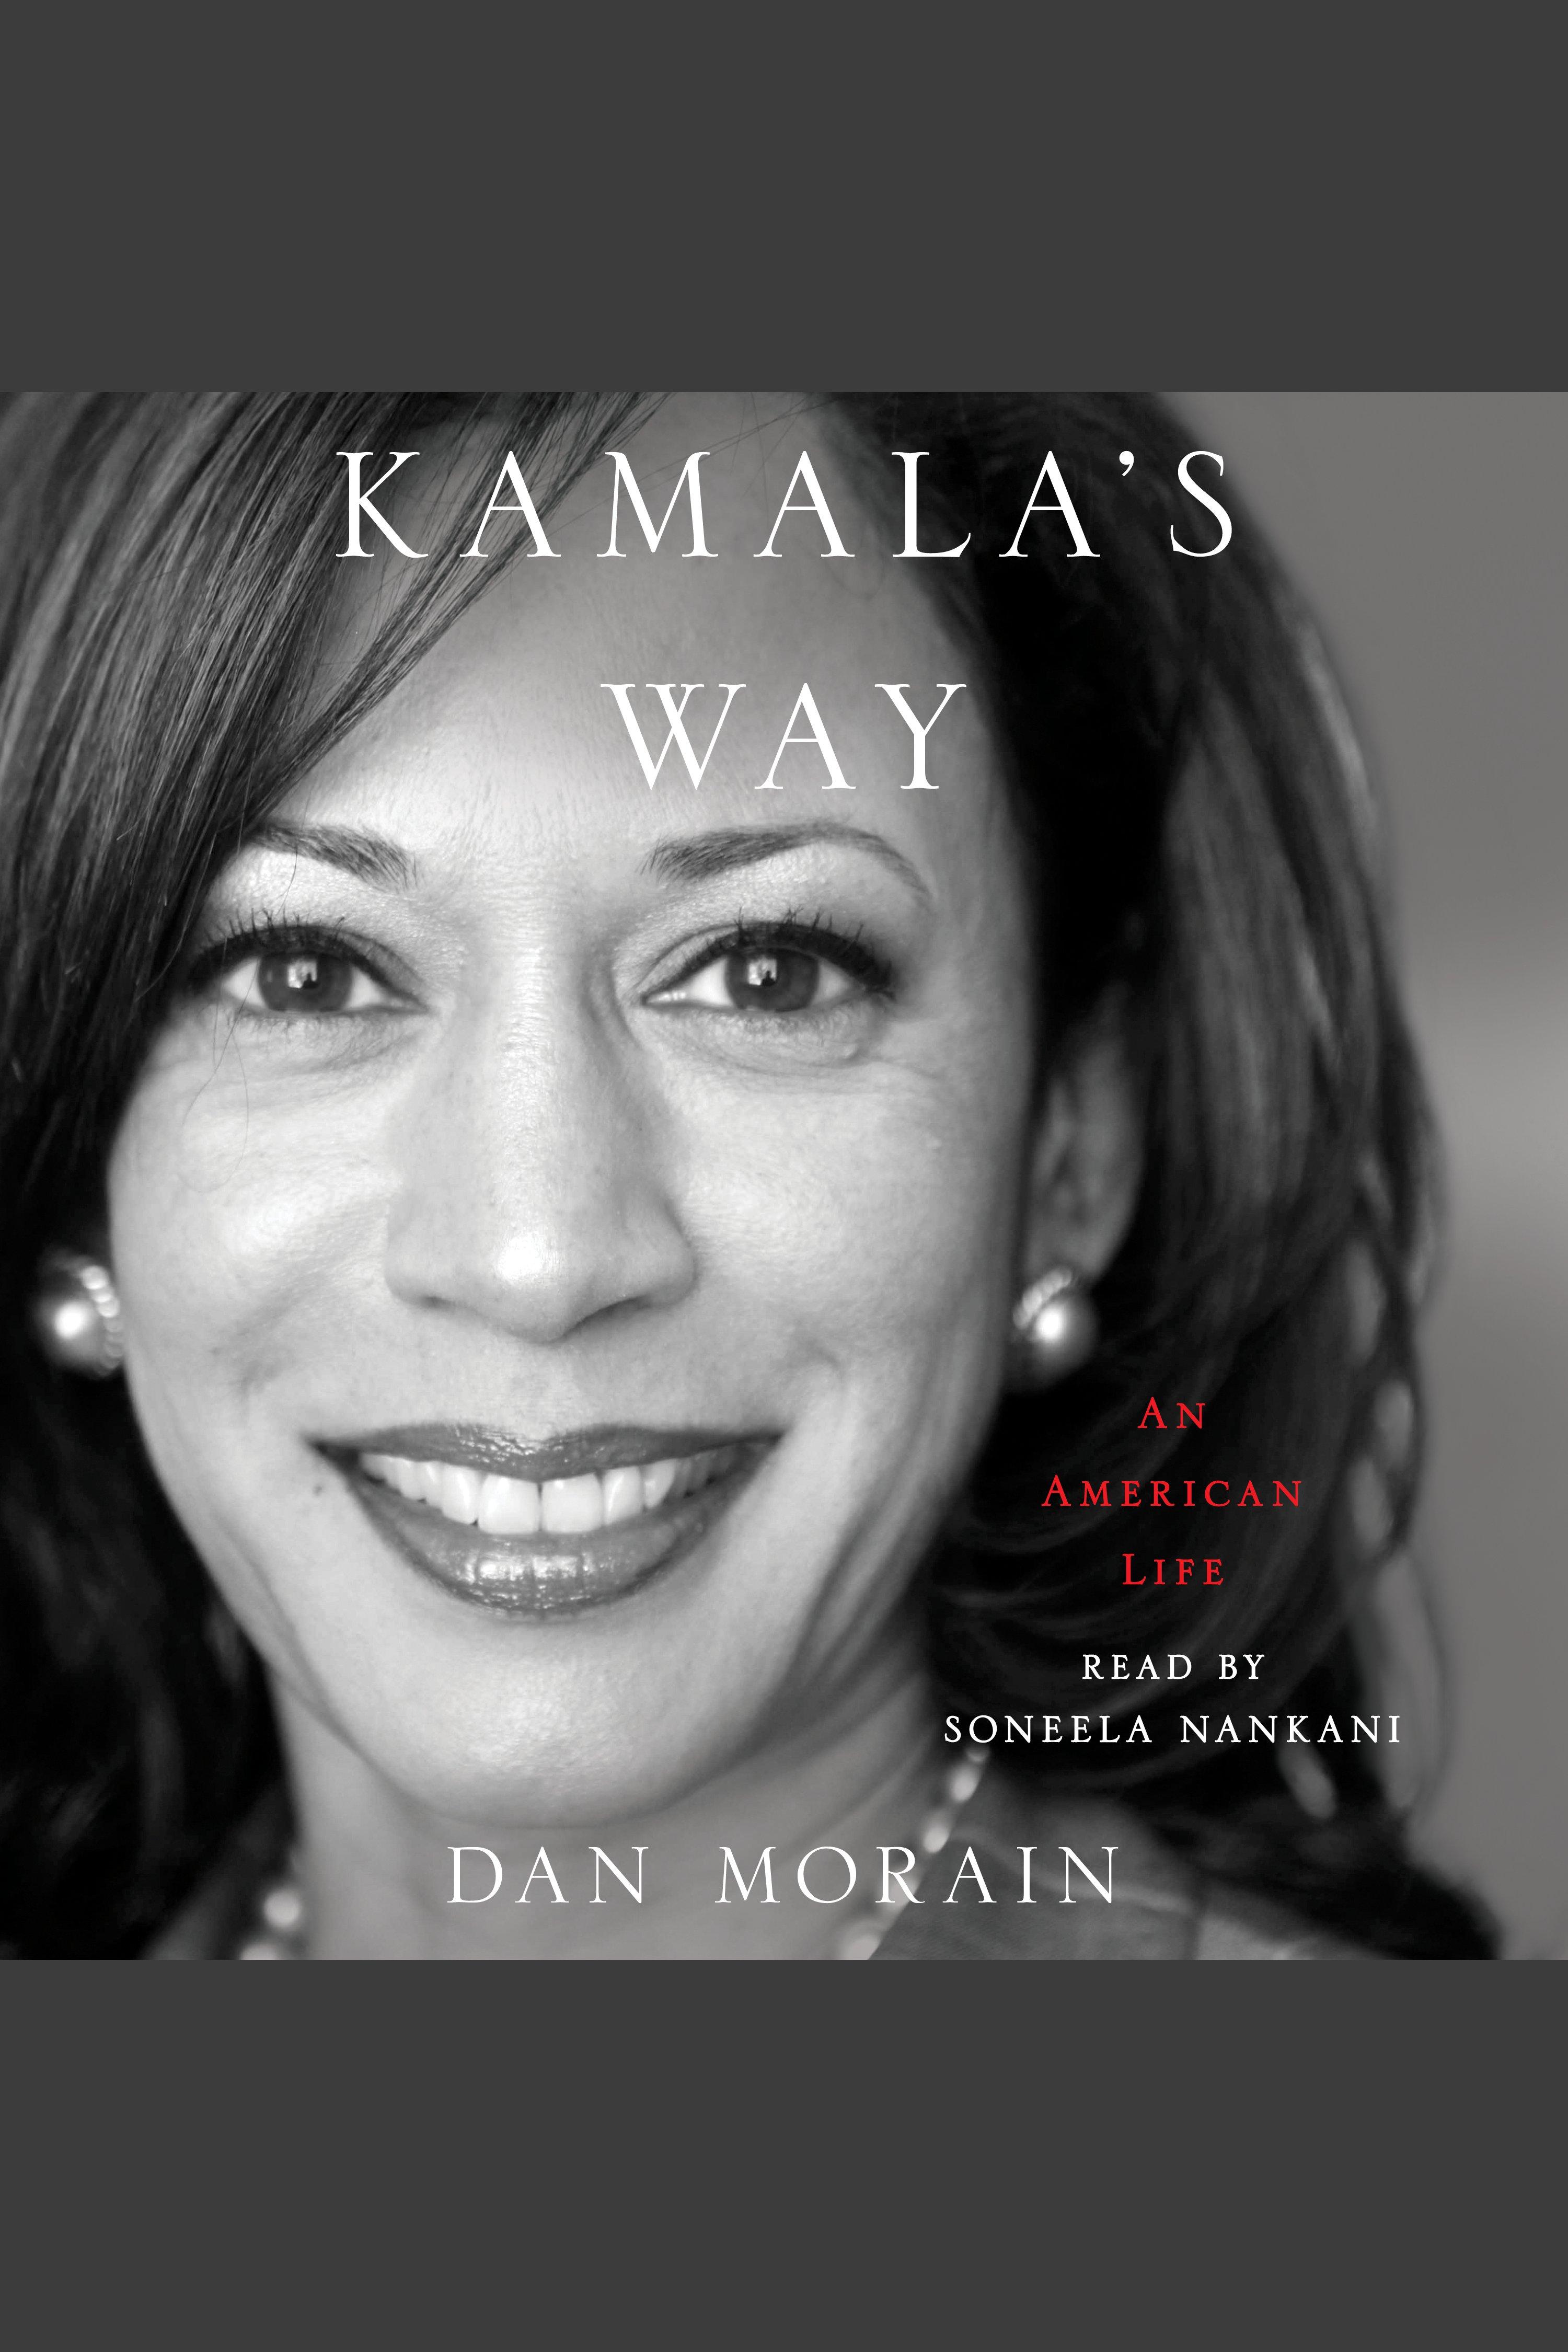 Esta es la portada del audiolibro Kamala's Way